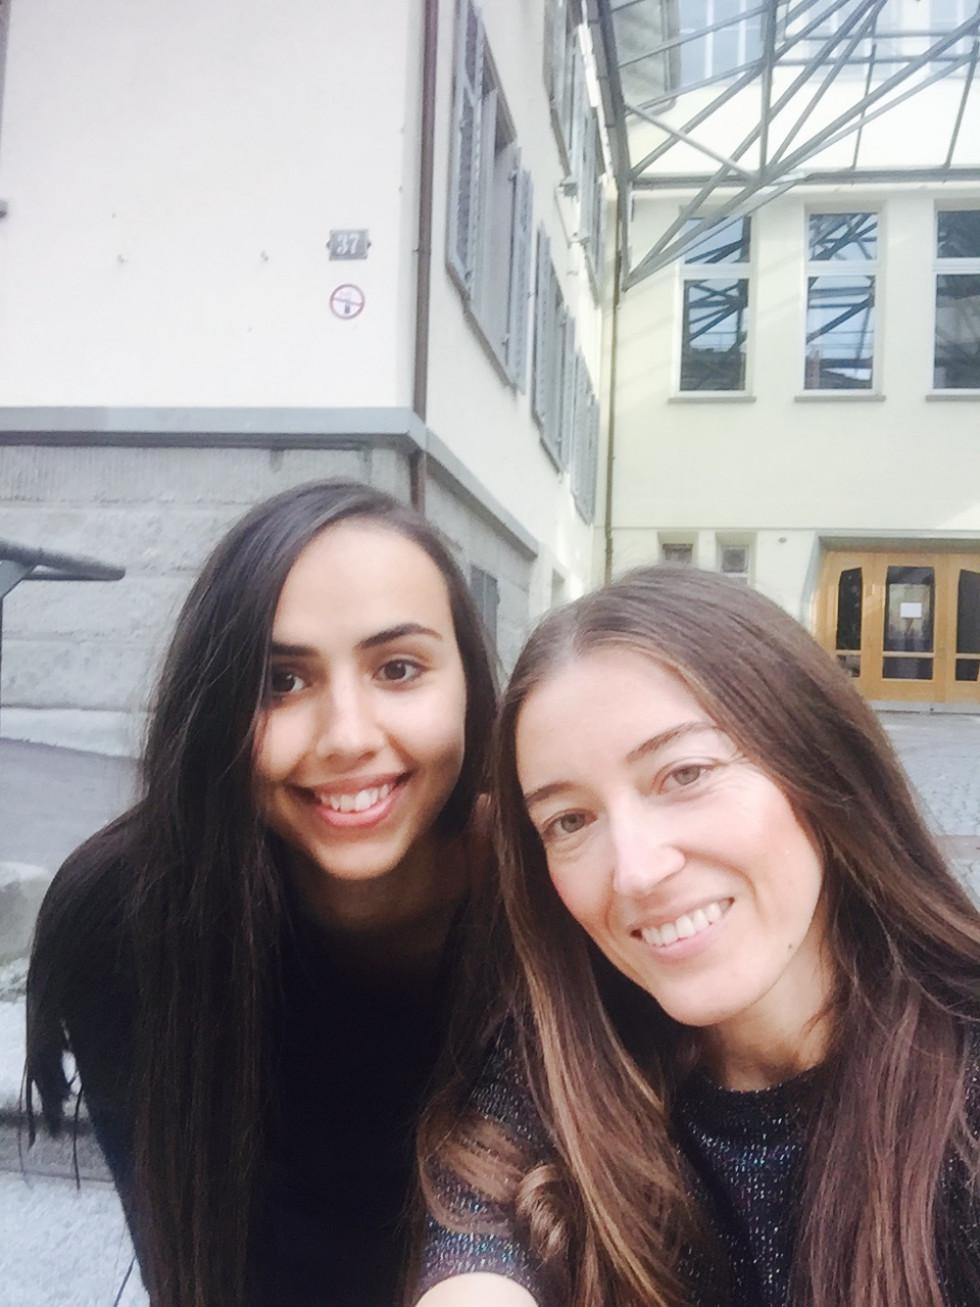 Юлія Марушко (справа) та її подруга Ліза (зліва) на фоні  школи Рудольфа Штайнера в Цюріху